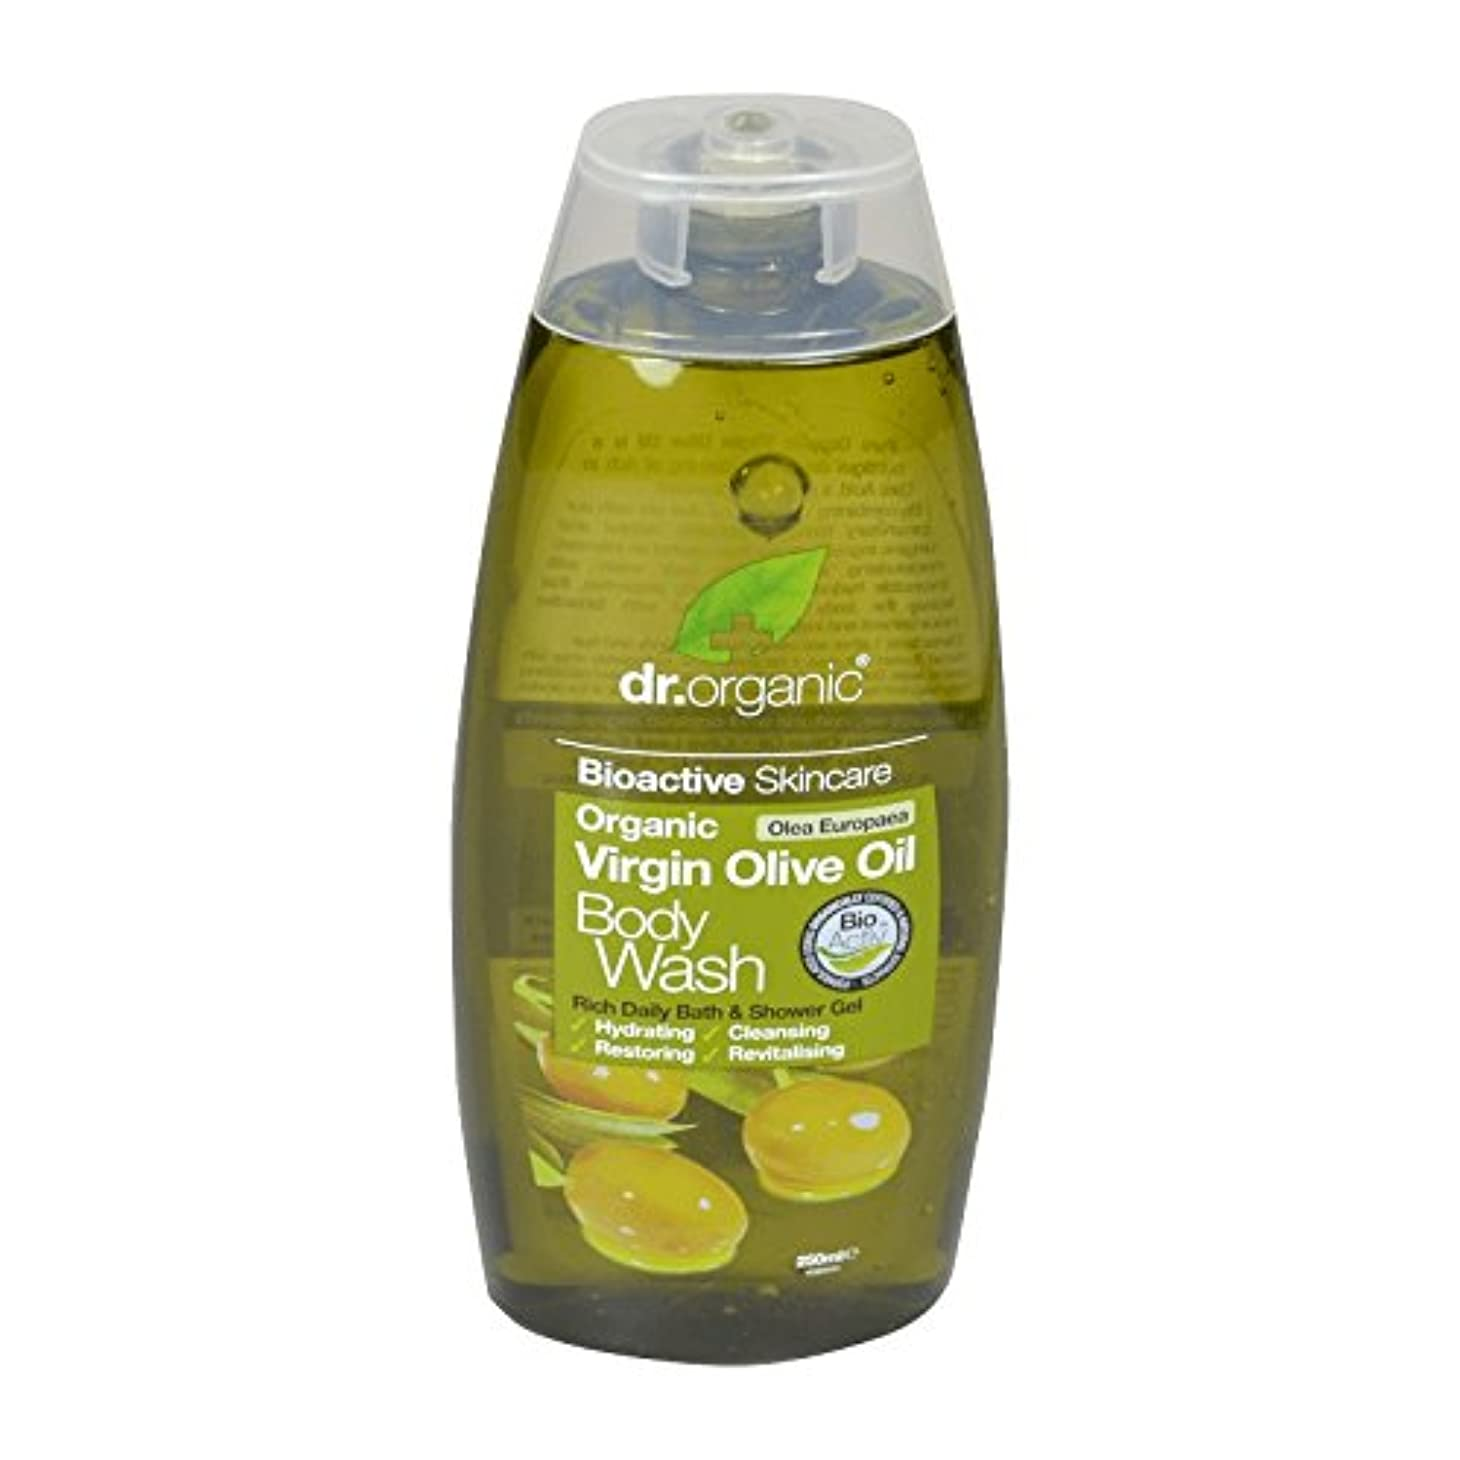 カフェストライプ常習者Dr有機バージンオリーブオイルボディウォッシュ - Dr Organic Virgin Olive Oil Body Wash (Dr Organic) [並行輸入品]